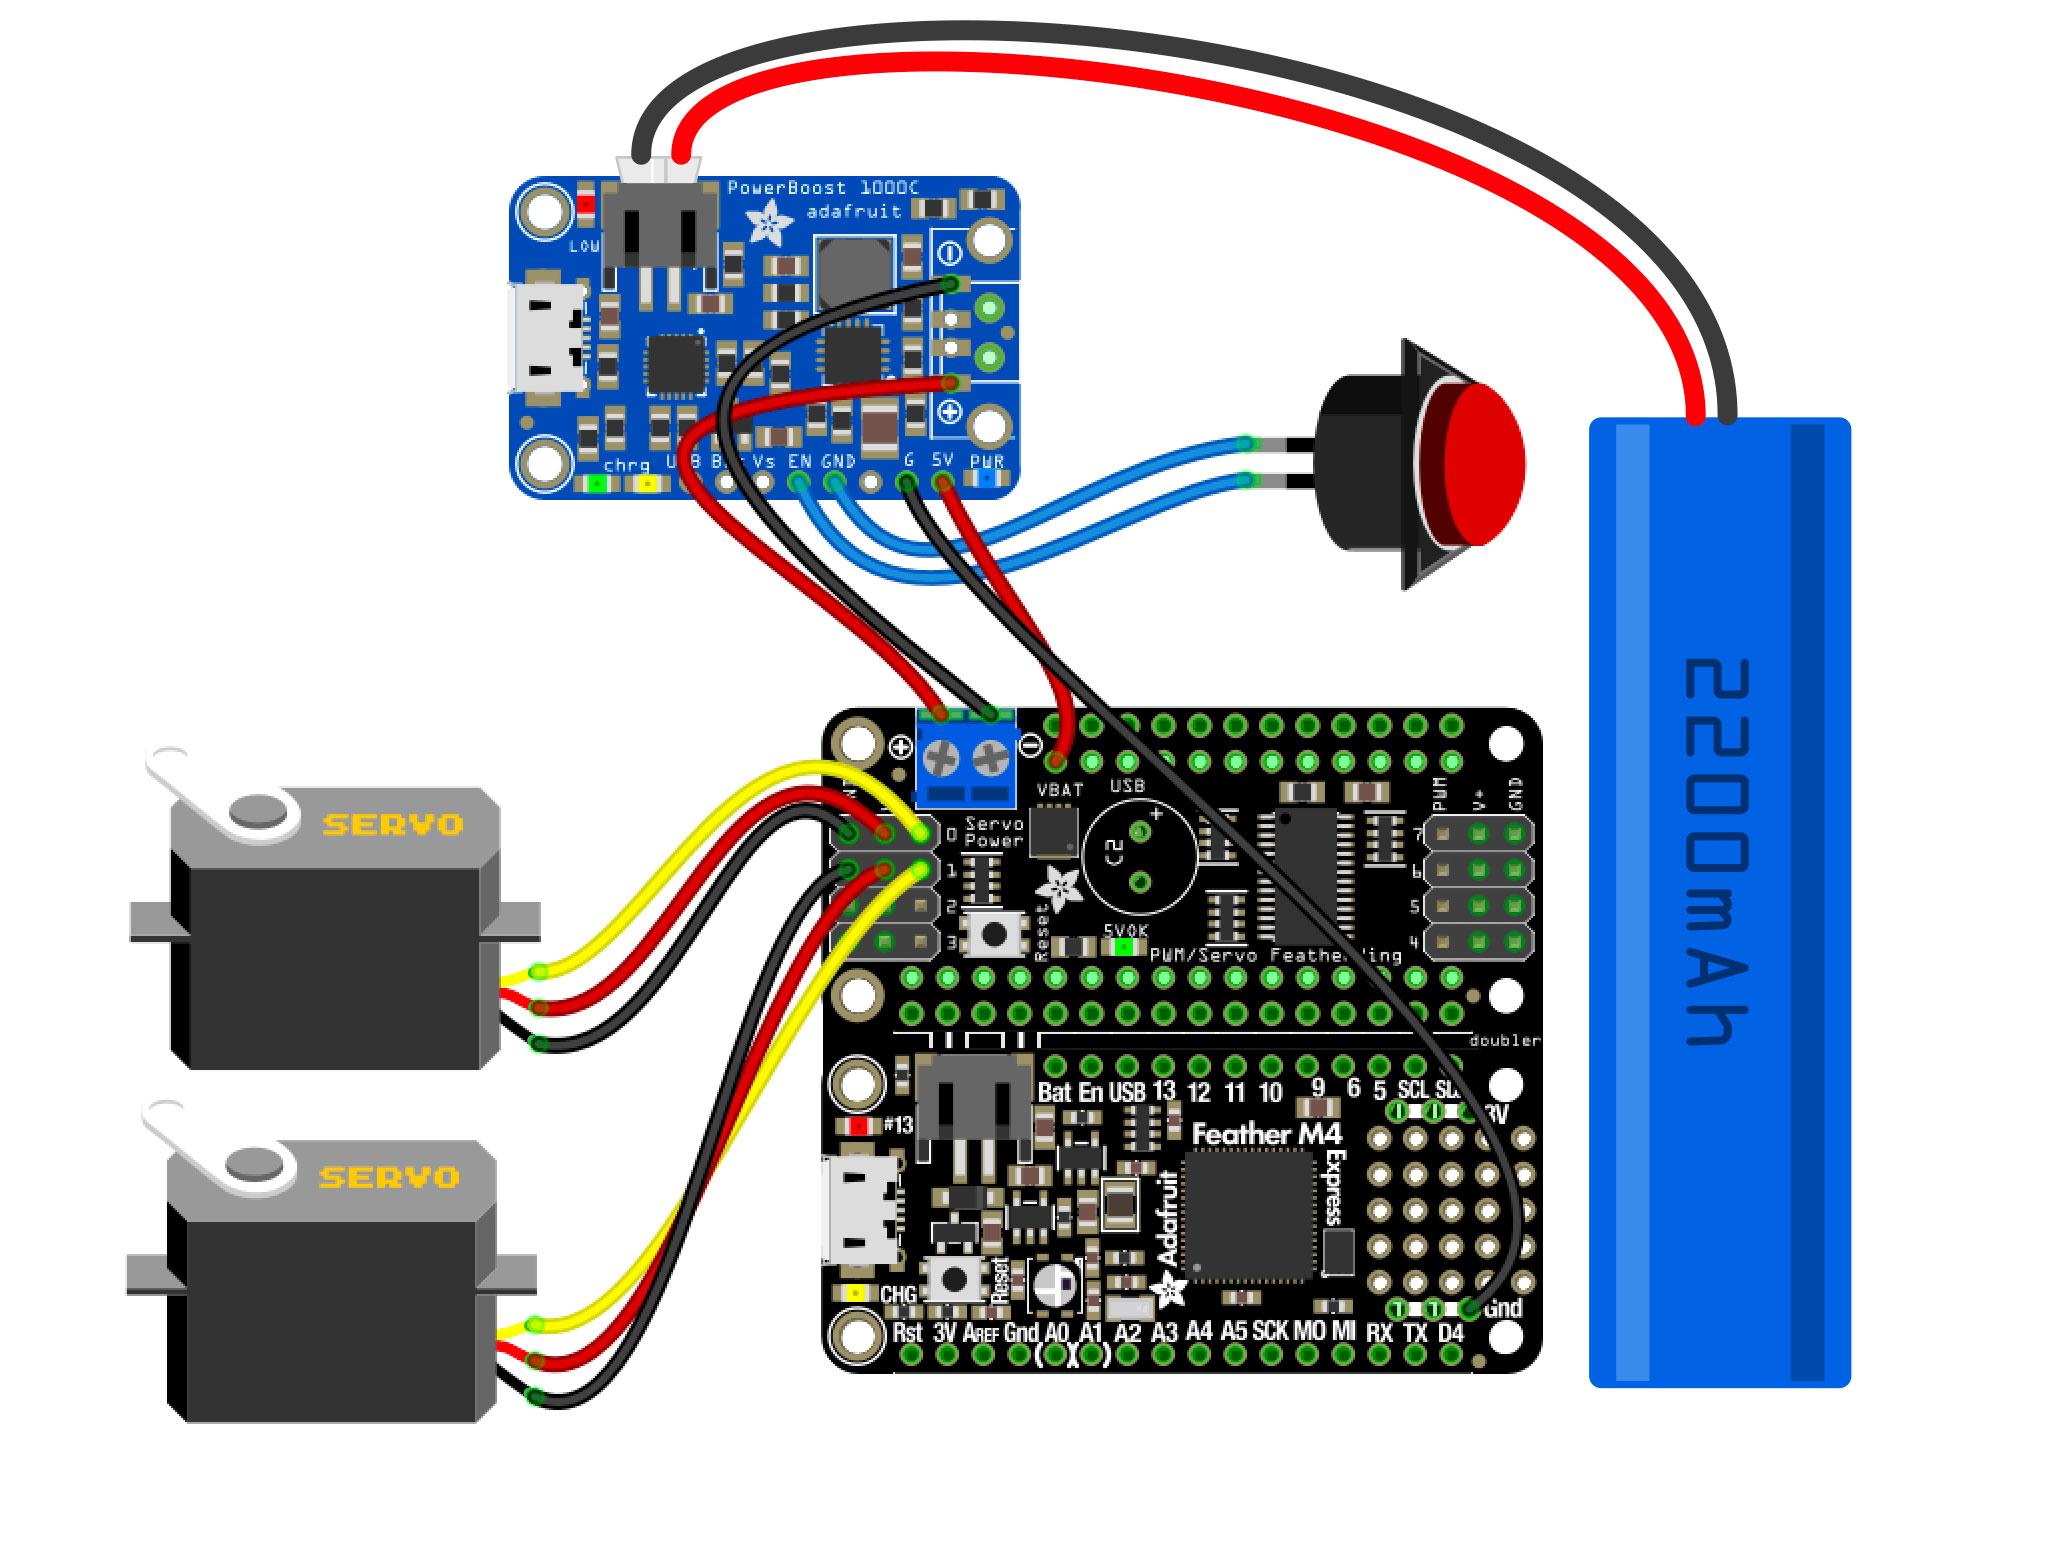 3d_printing_circuit-diagram-v2.jpg